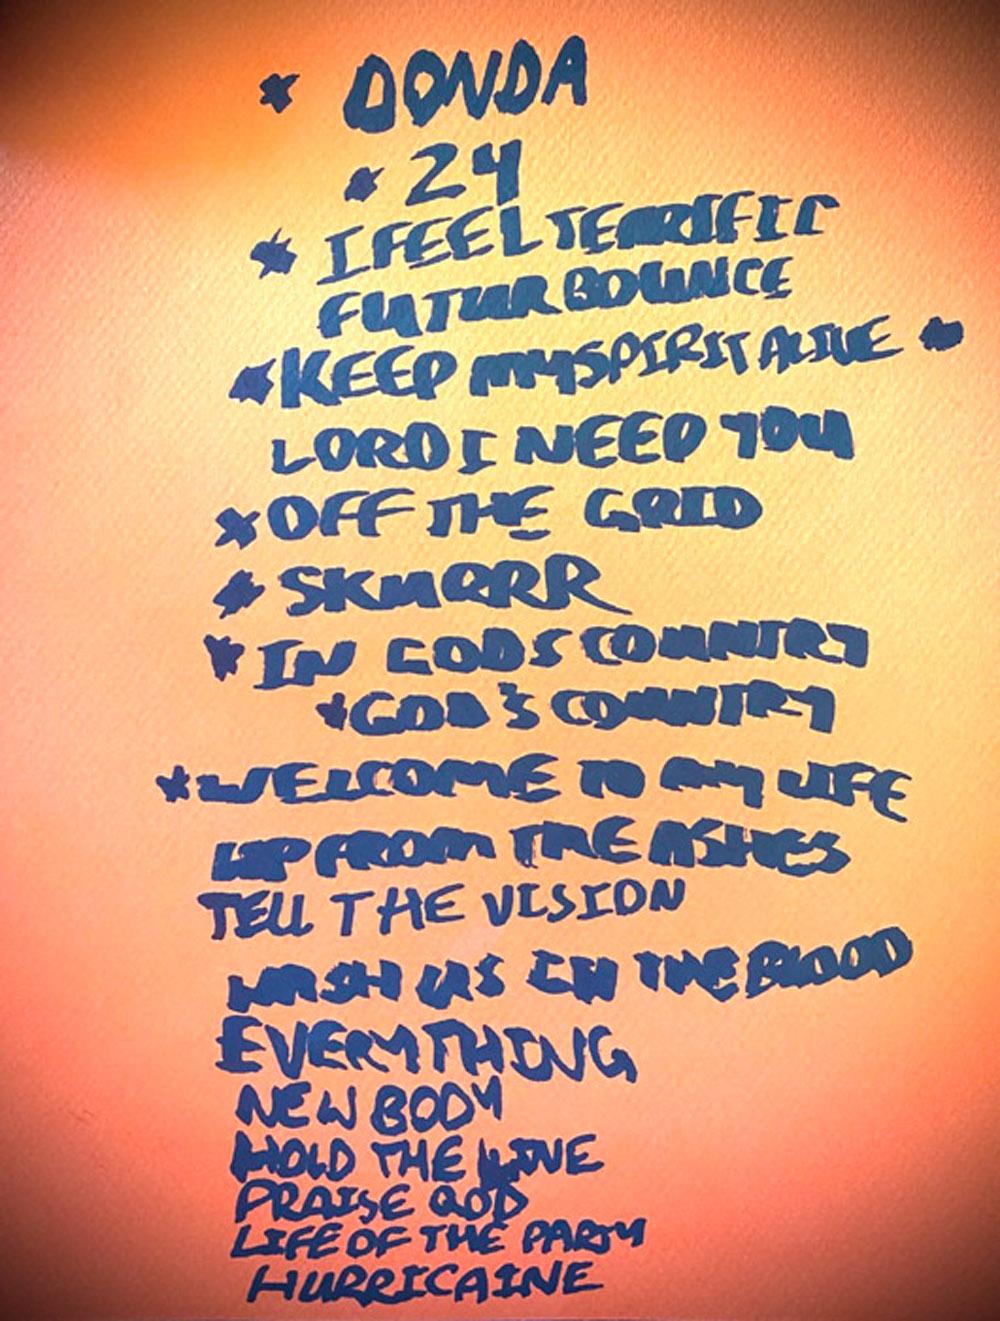 Tracklisten til DONDA ifølge Kanye West (Twitter/kanyewest)